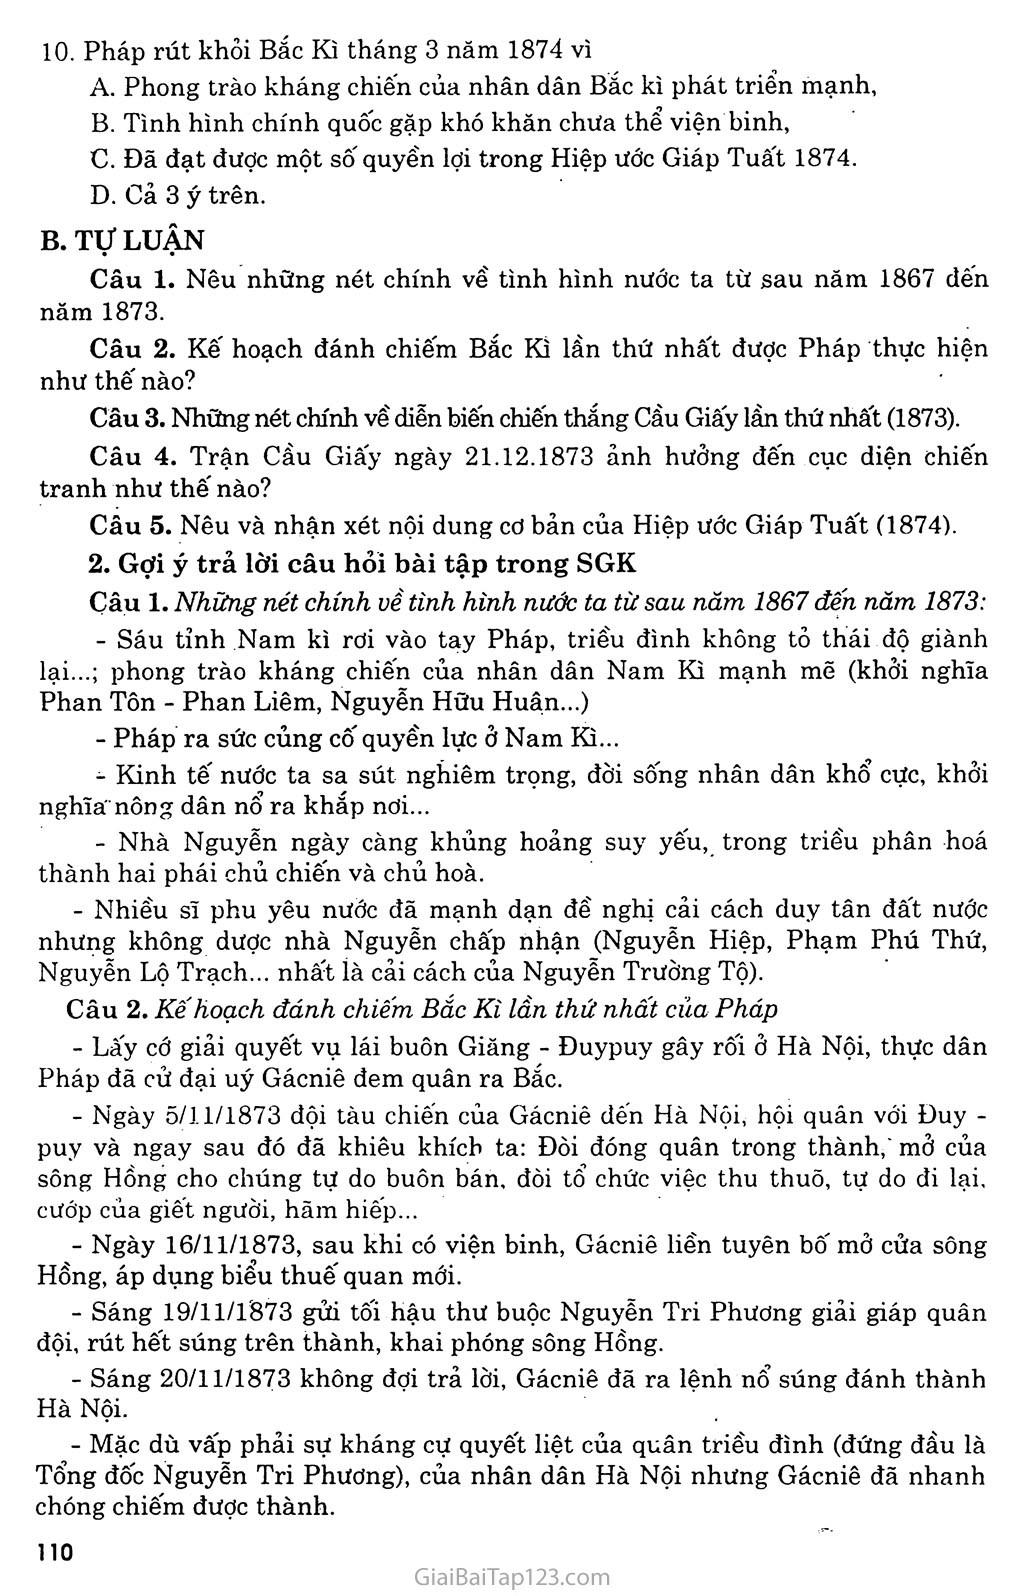 Bài 20: Chiến sự lan rộng ra cả nước: Cuộc kháng chiến của nhân dân ta từ năm 1873 đến năm 1884: Nhà Nguyễn đầu hàng trang 5